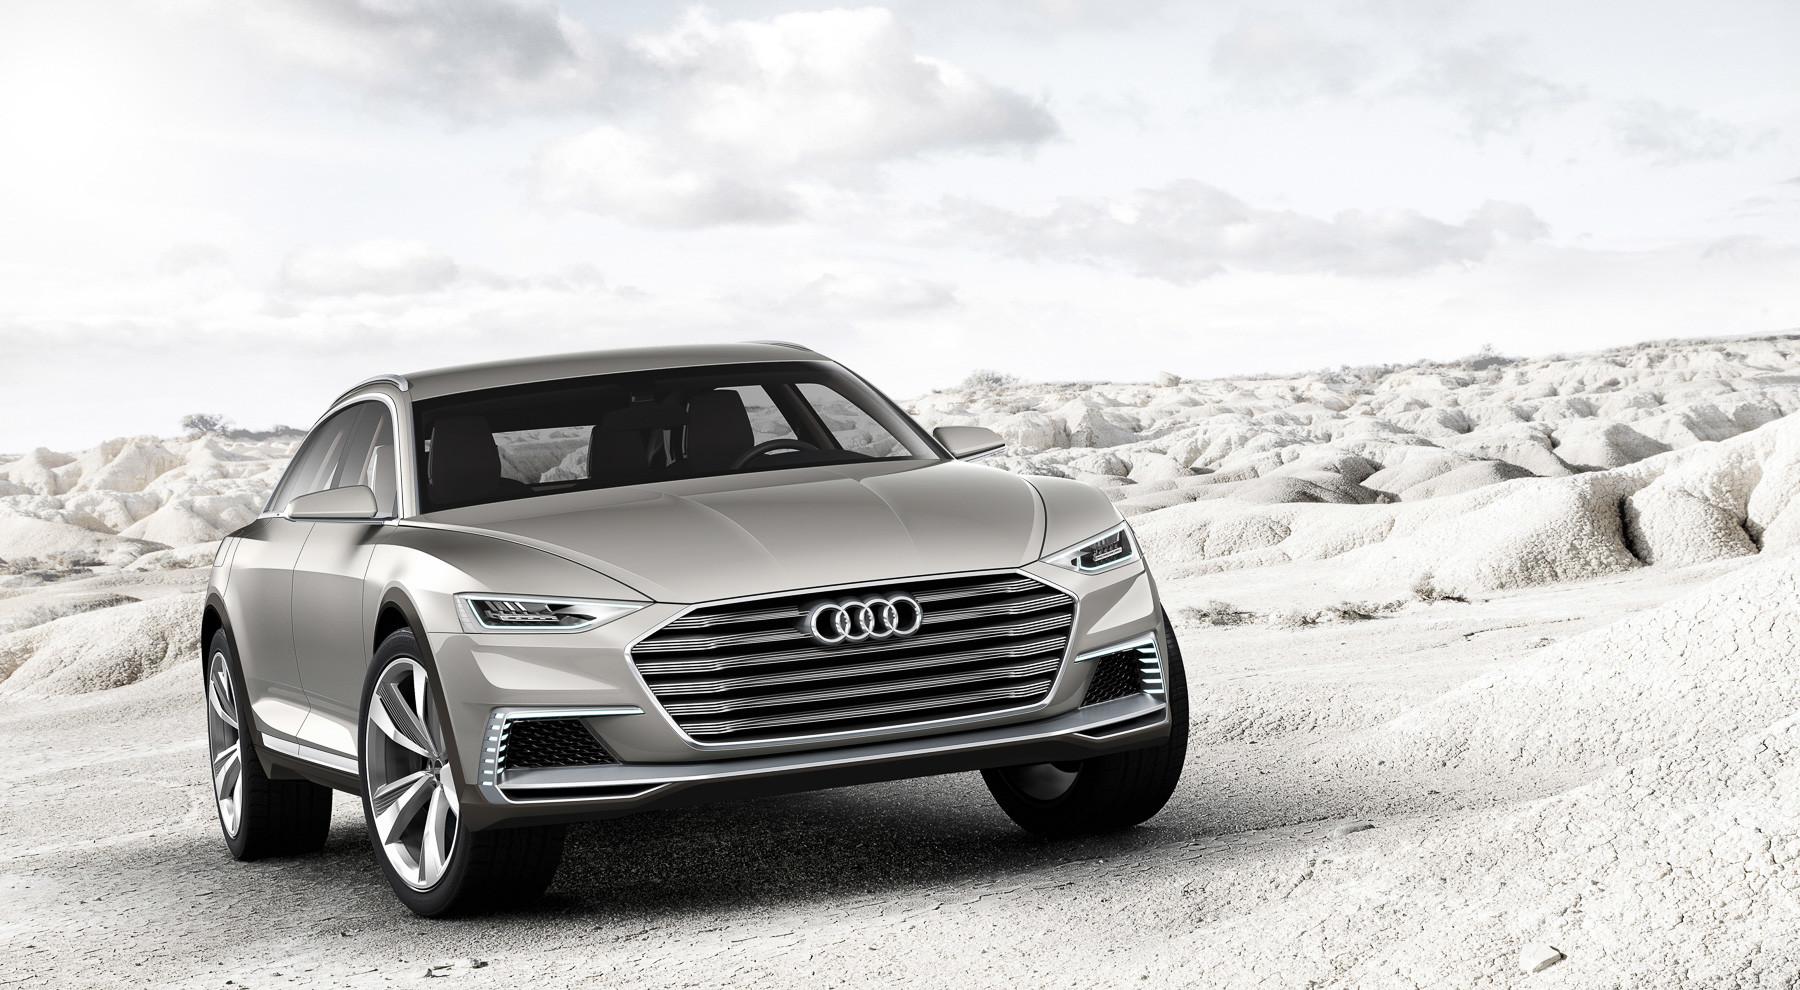 Новый внедорожный универсал Audi: фото и информация